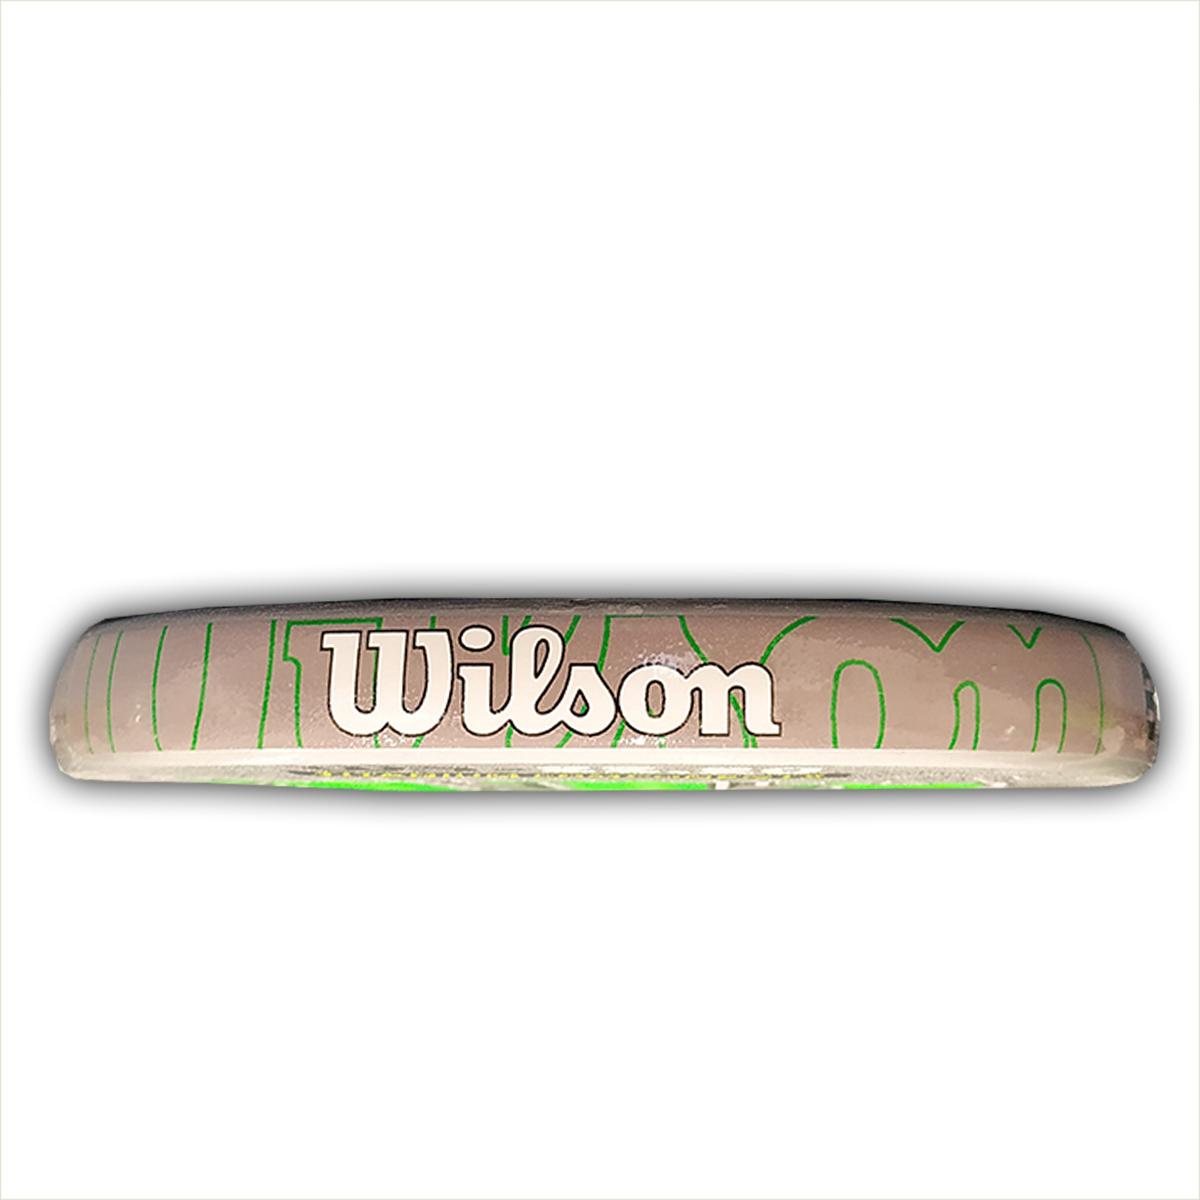 RAQUETE BEACH TENNIS WILSON 22.20 -2021